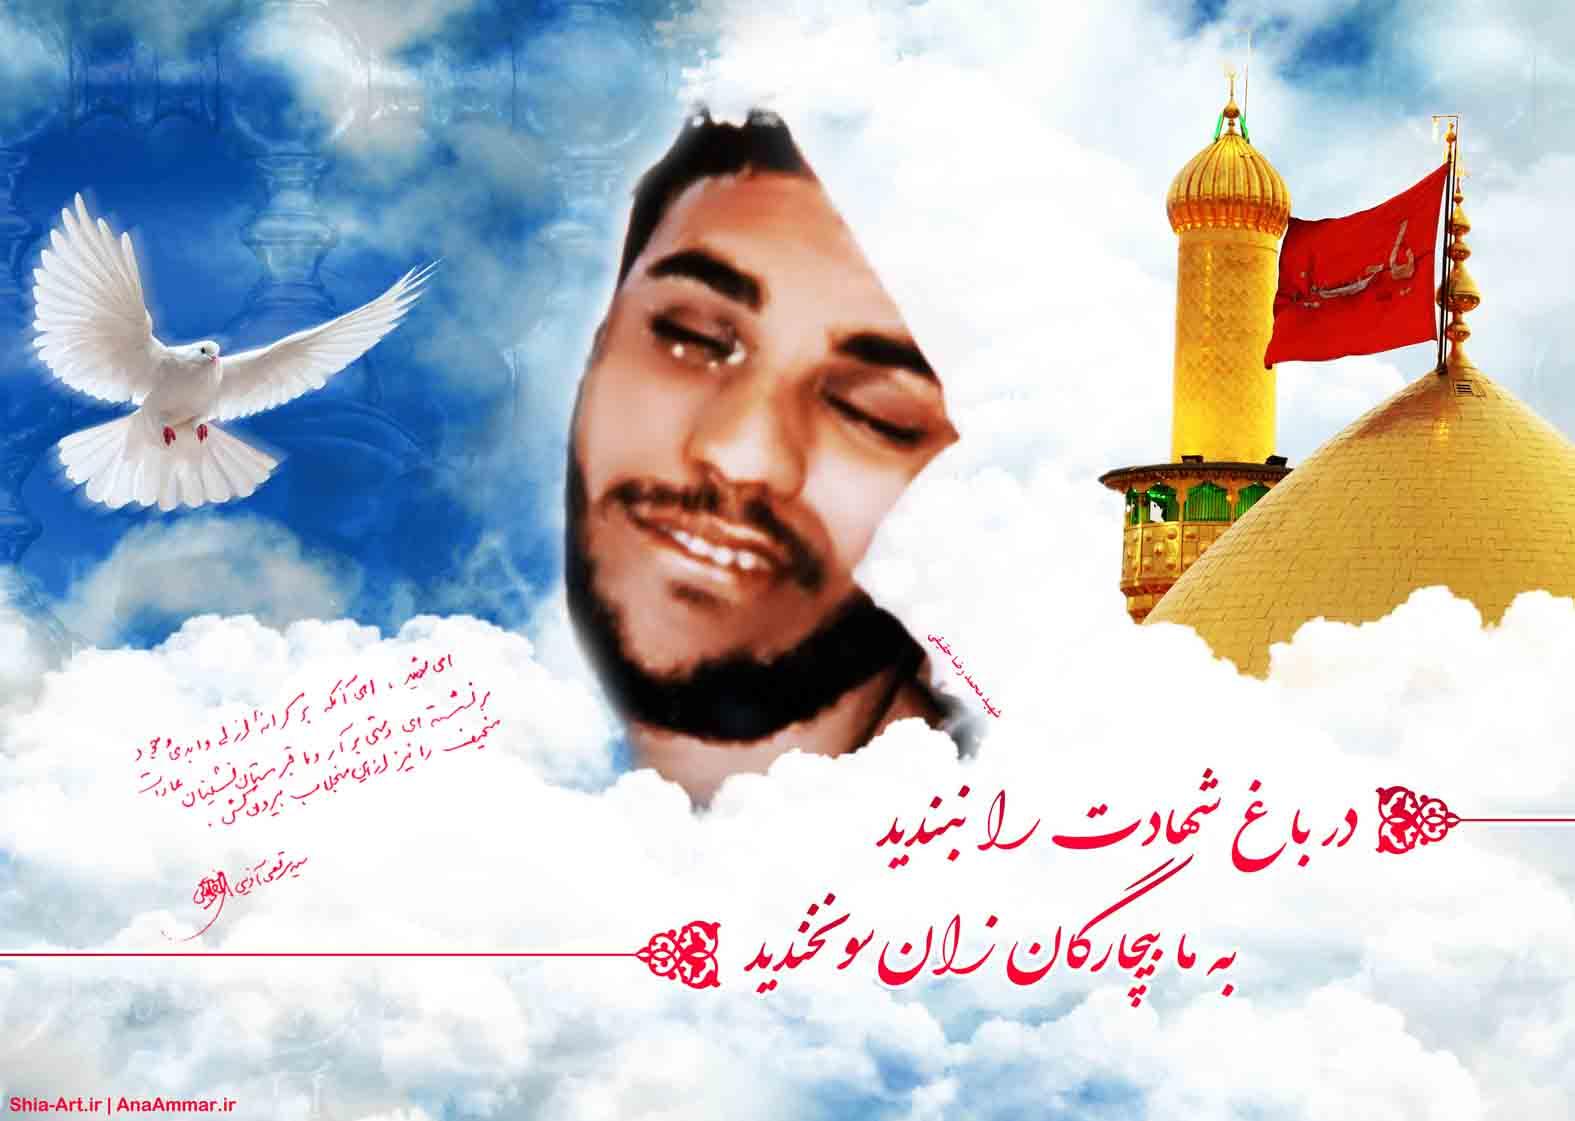 شهید محمد رضا حقیقی